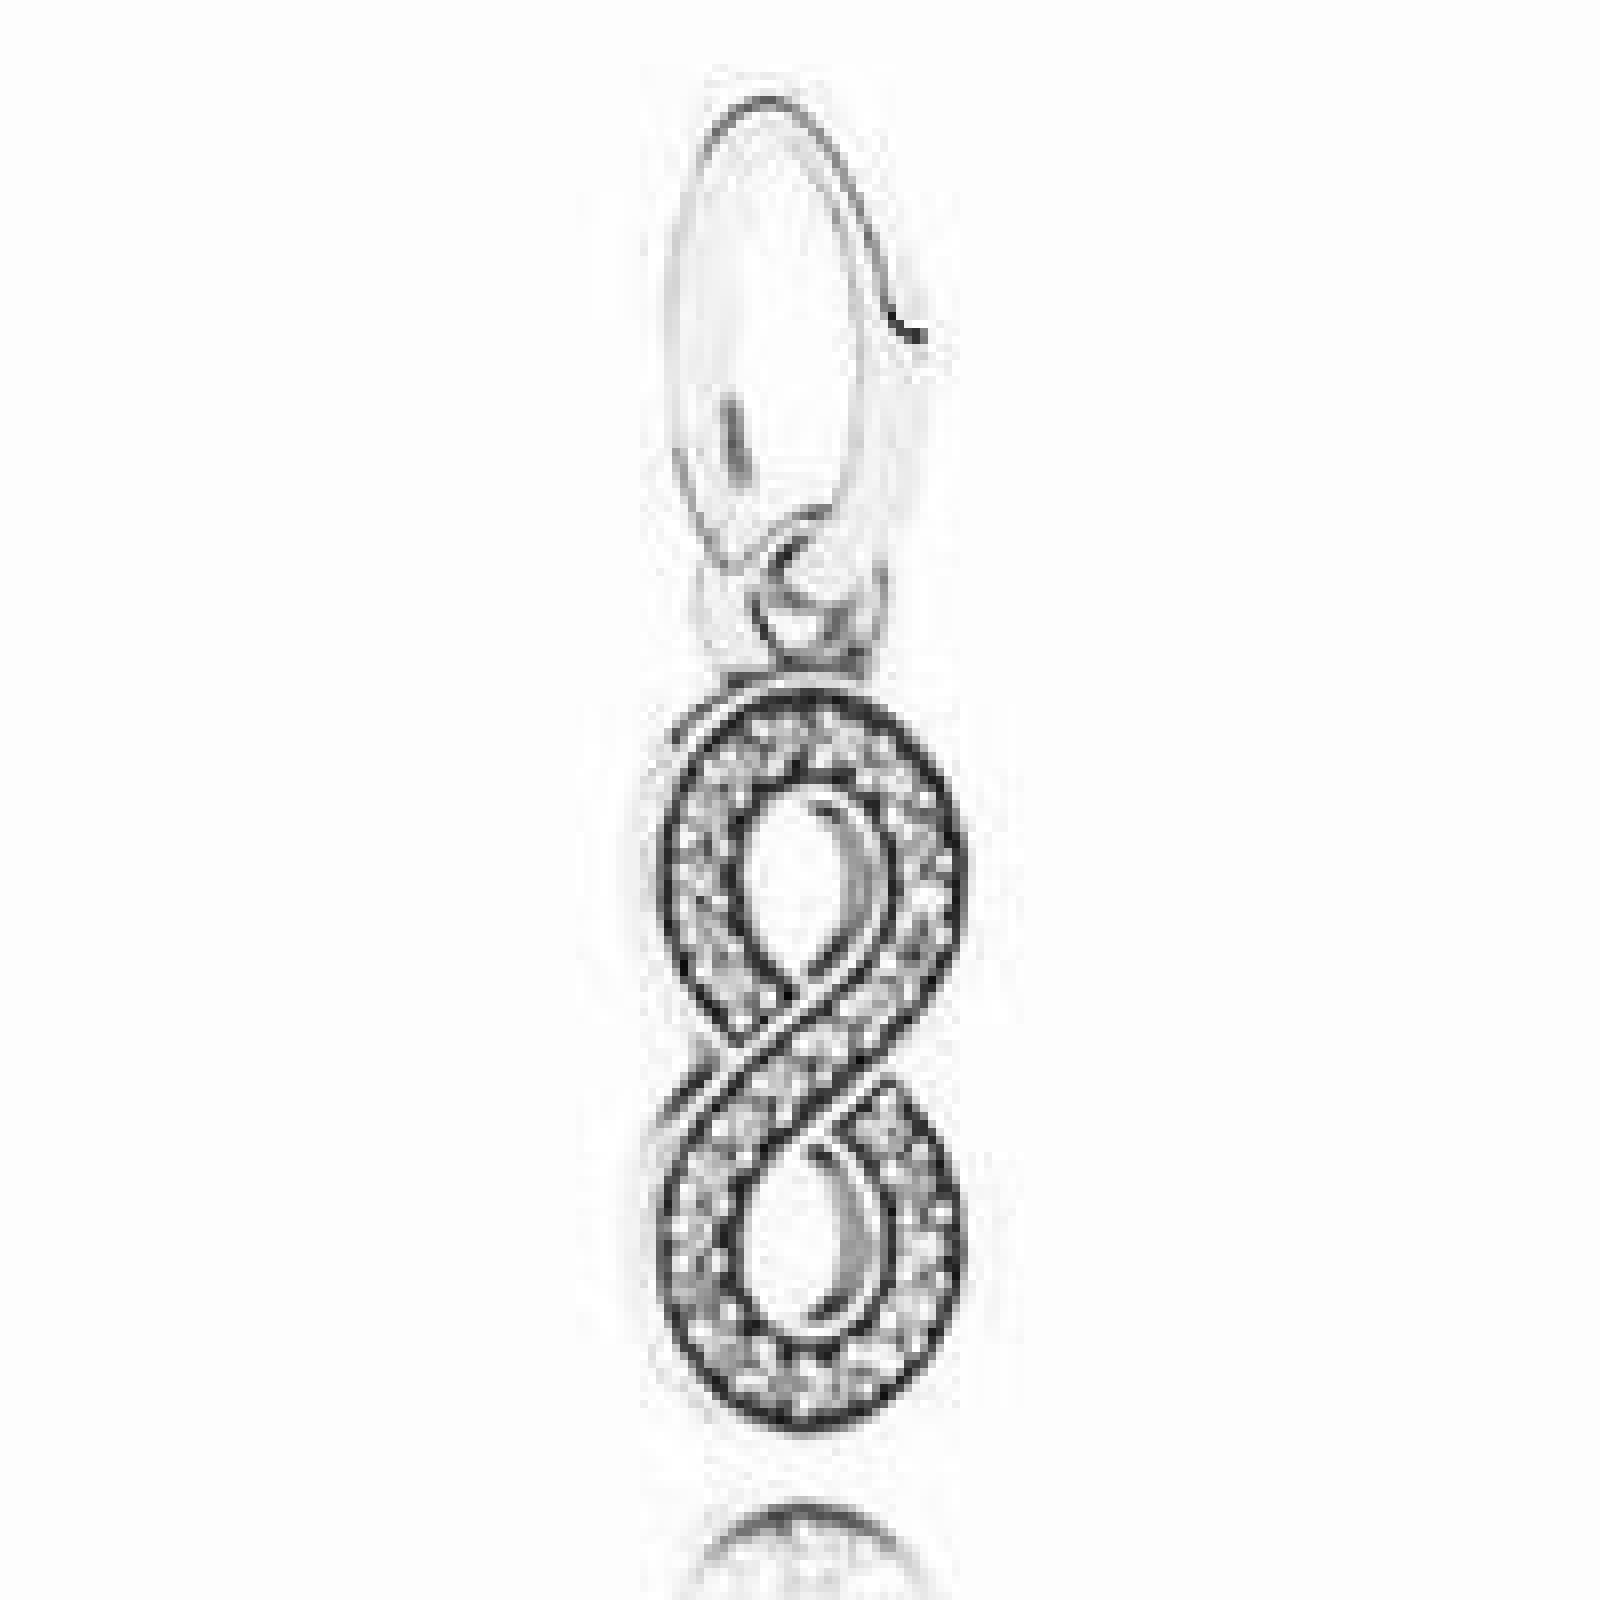 Pandora Damen-Charm Unendlichkeit 925 Silber Zirkonia weiß - 791351CZ